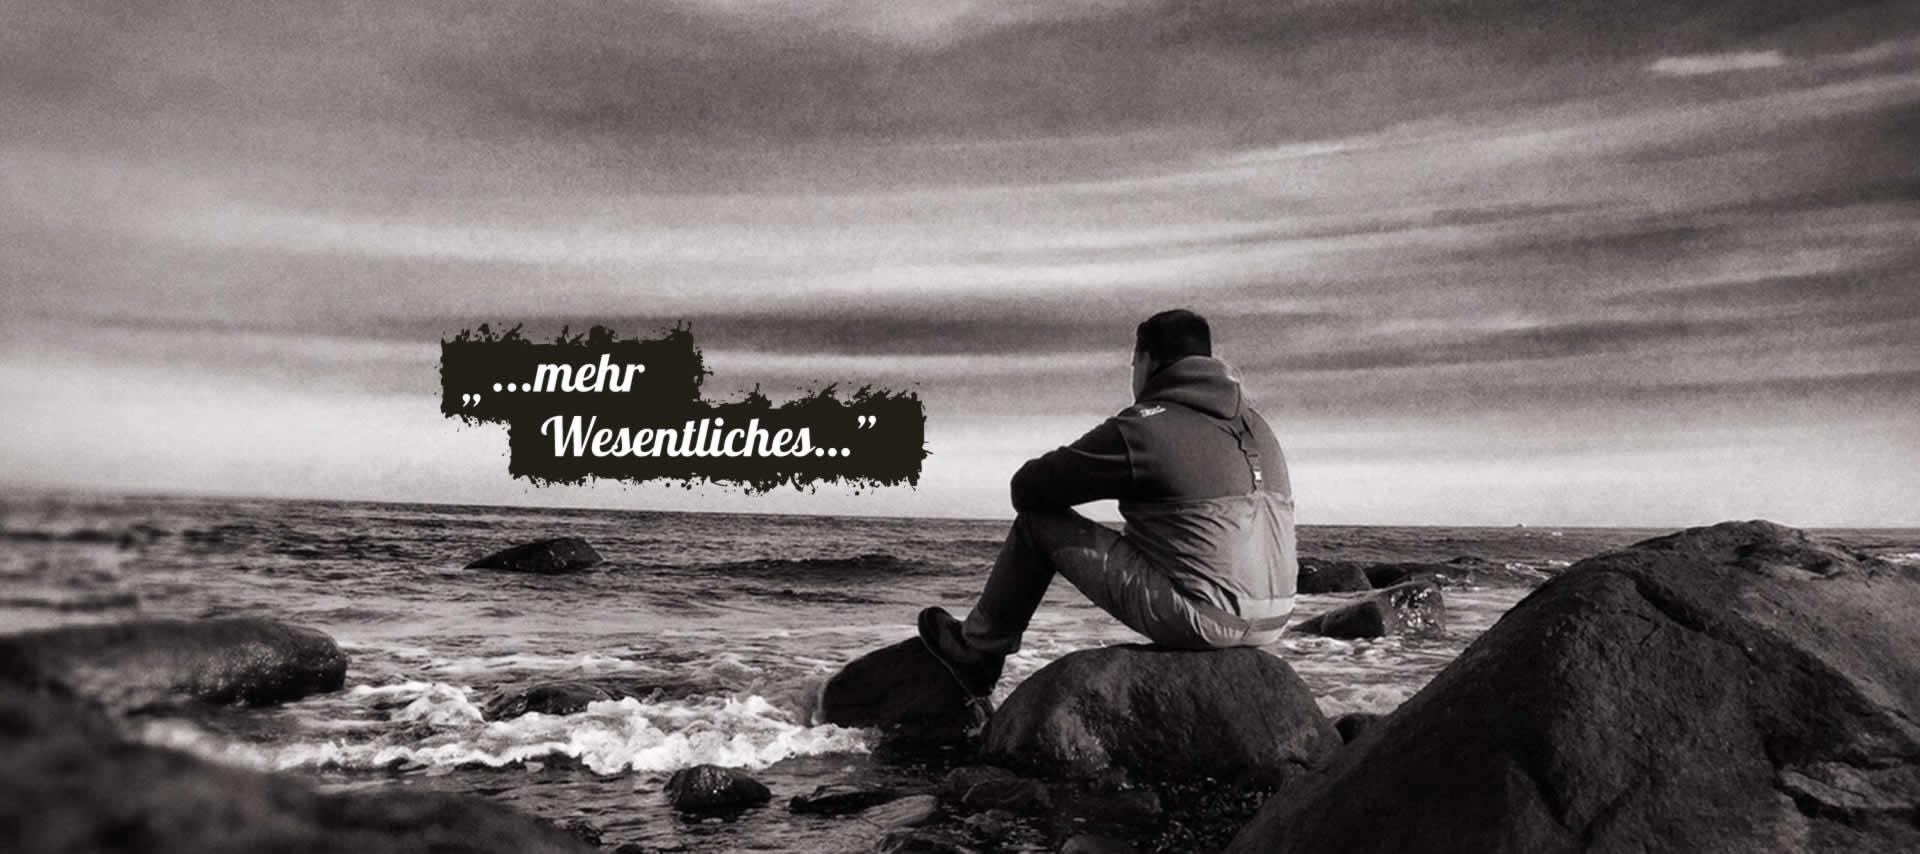 Mann blickt am Meer in die Ferne